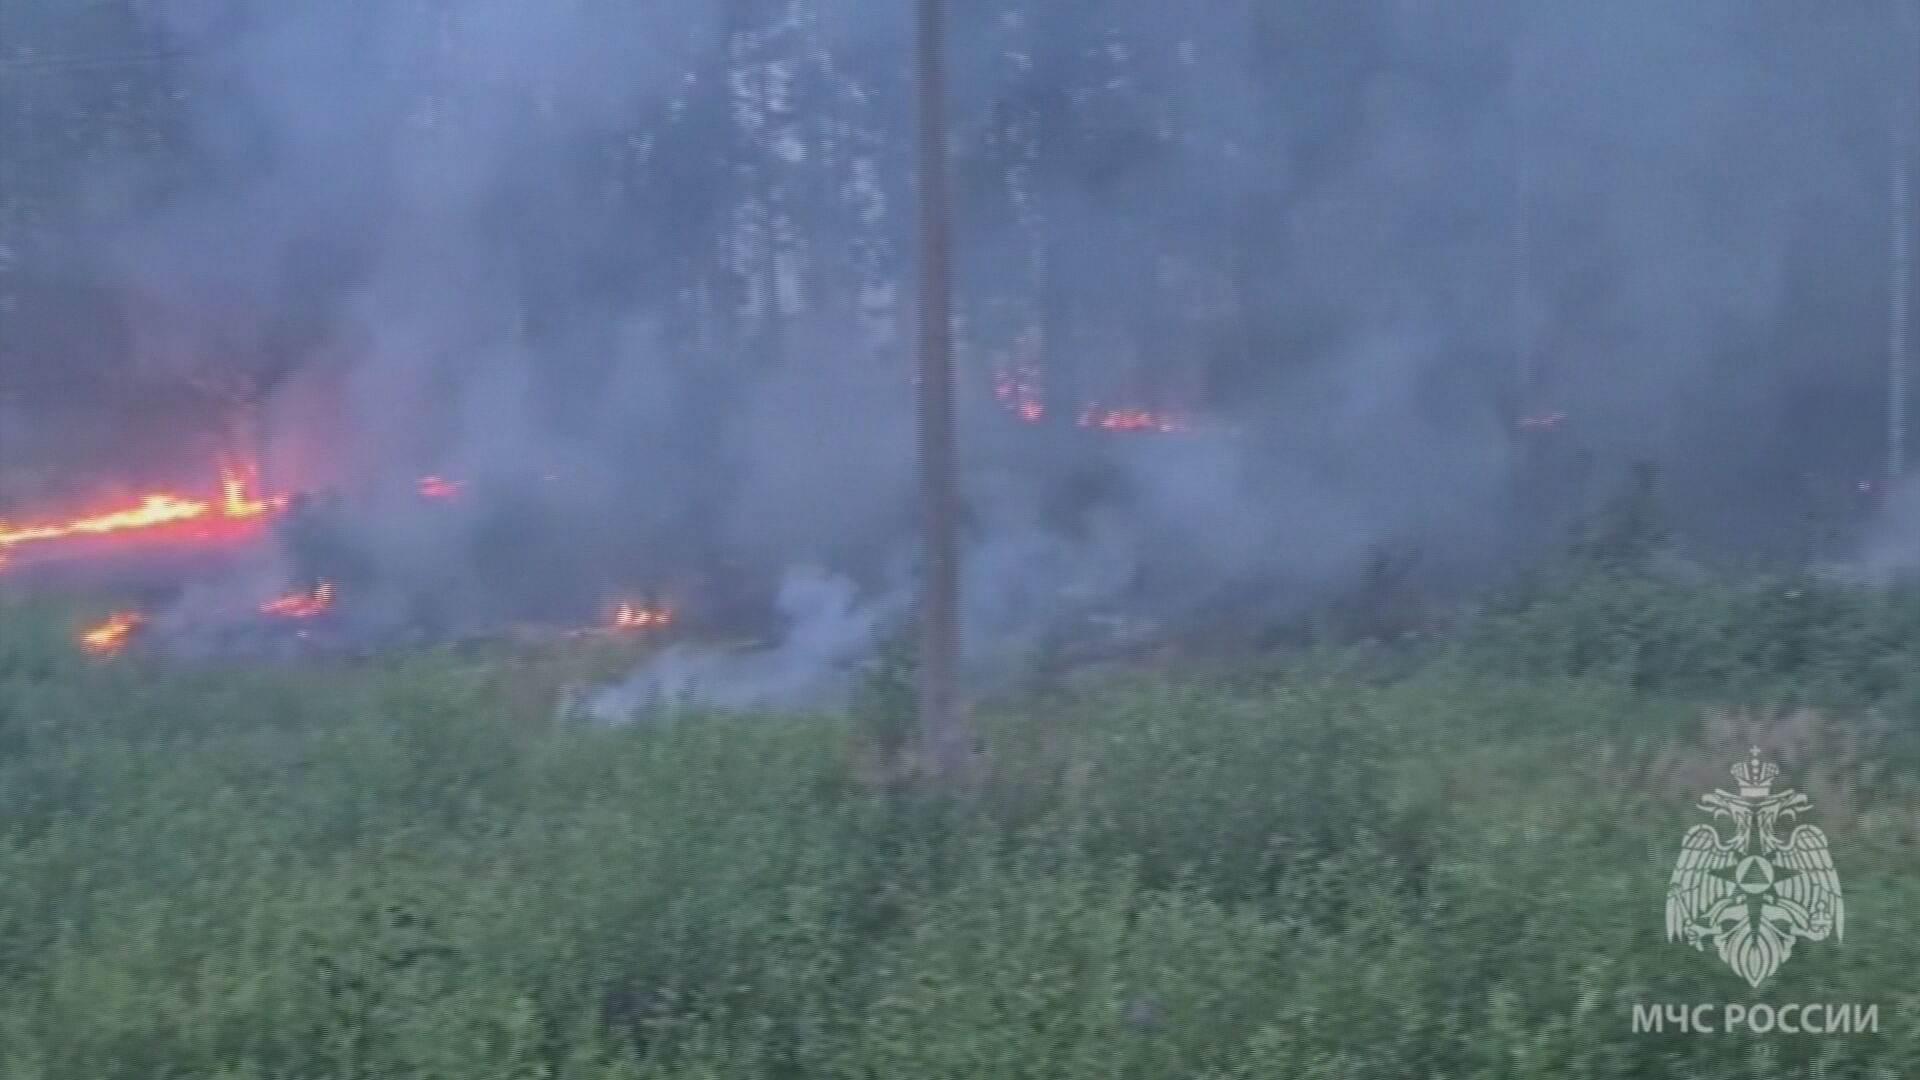 Aumento de temperatura acima do normal provou mais de 400 incêndios florestais